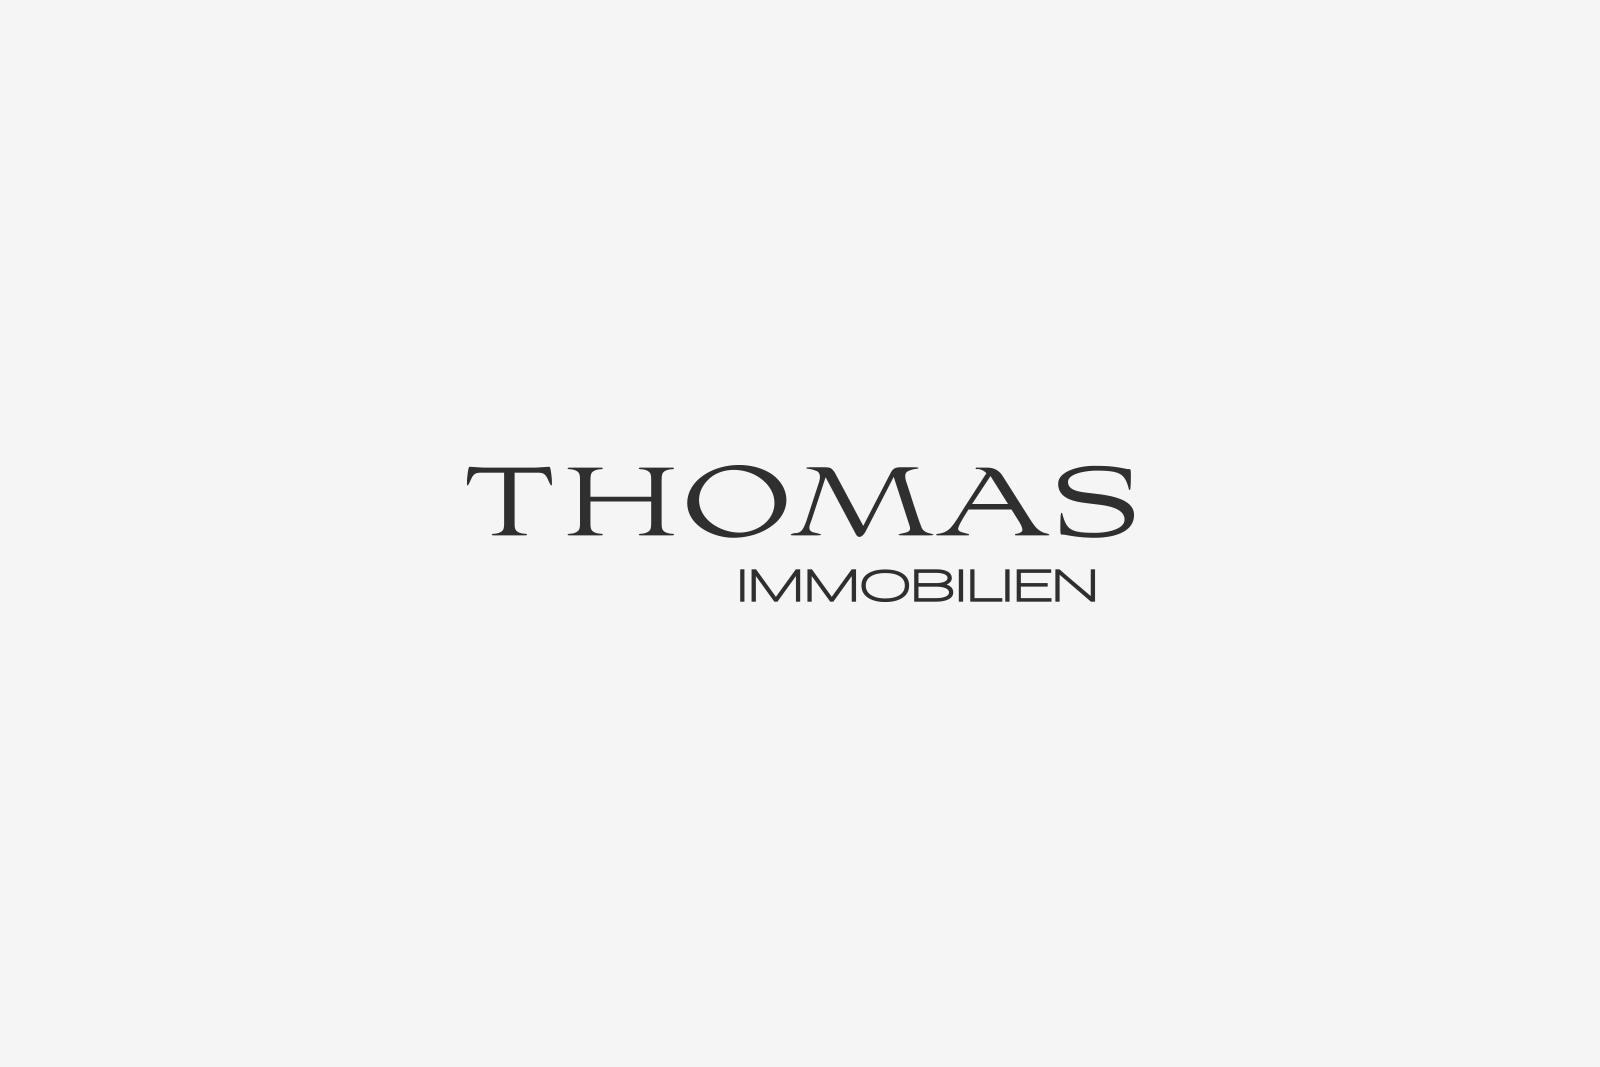 Logo Thomas Immobilien Bw